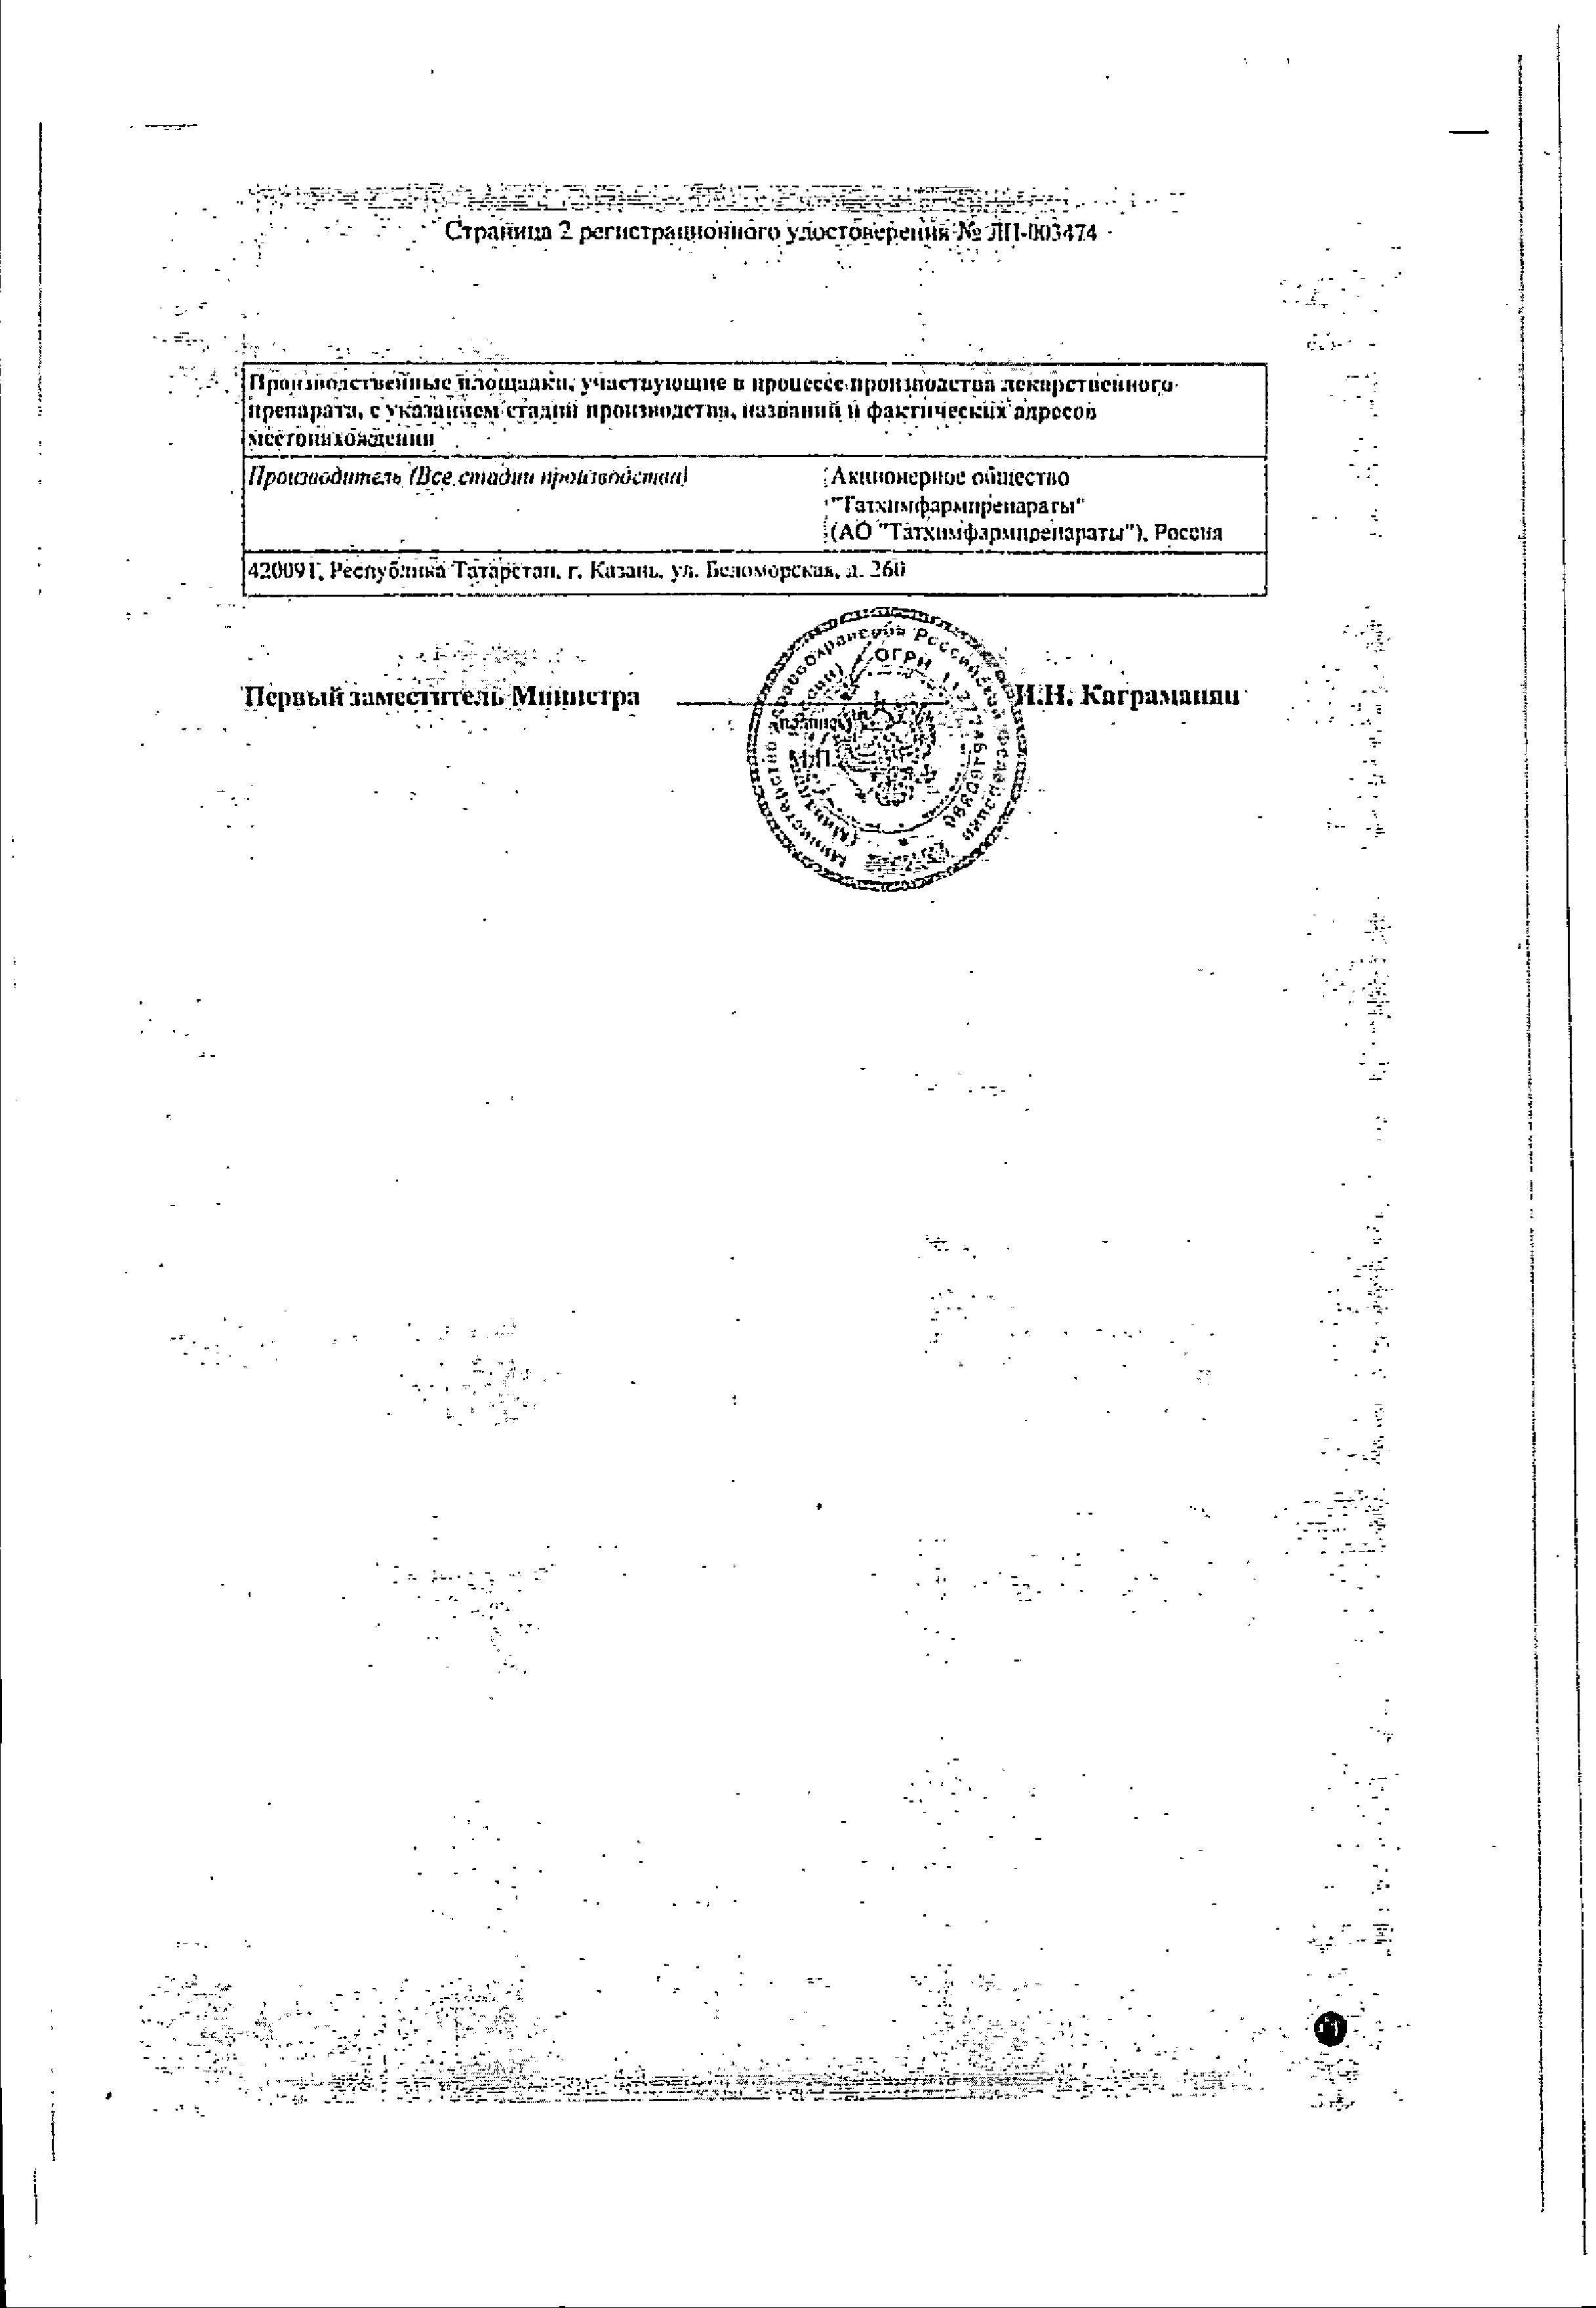 Афлюдол сертификат